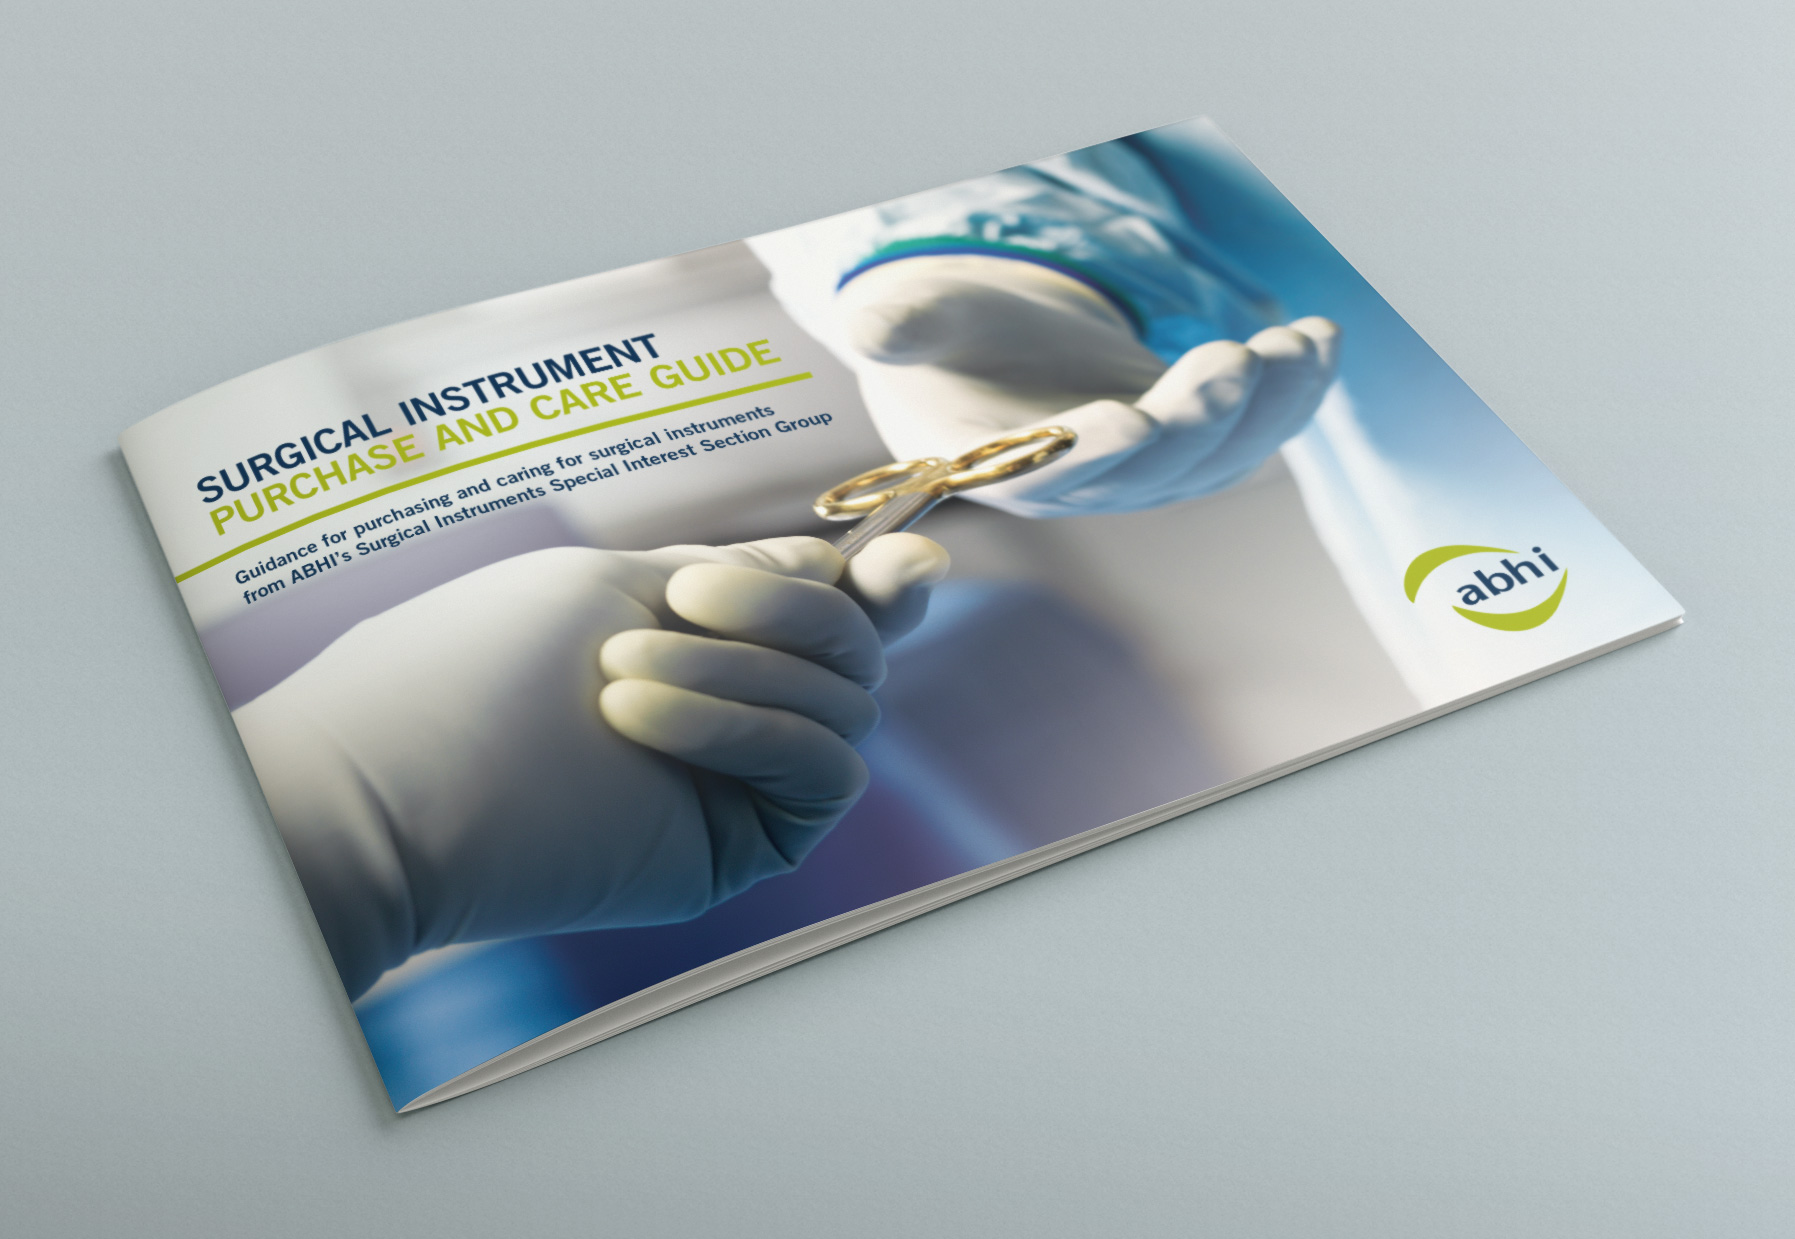 ABHI brochure